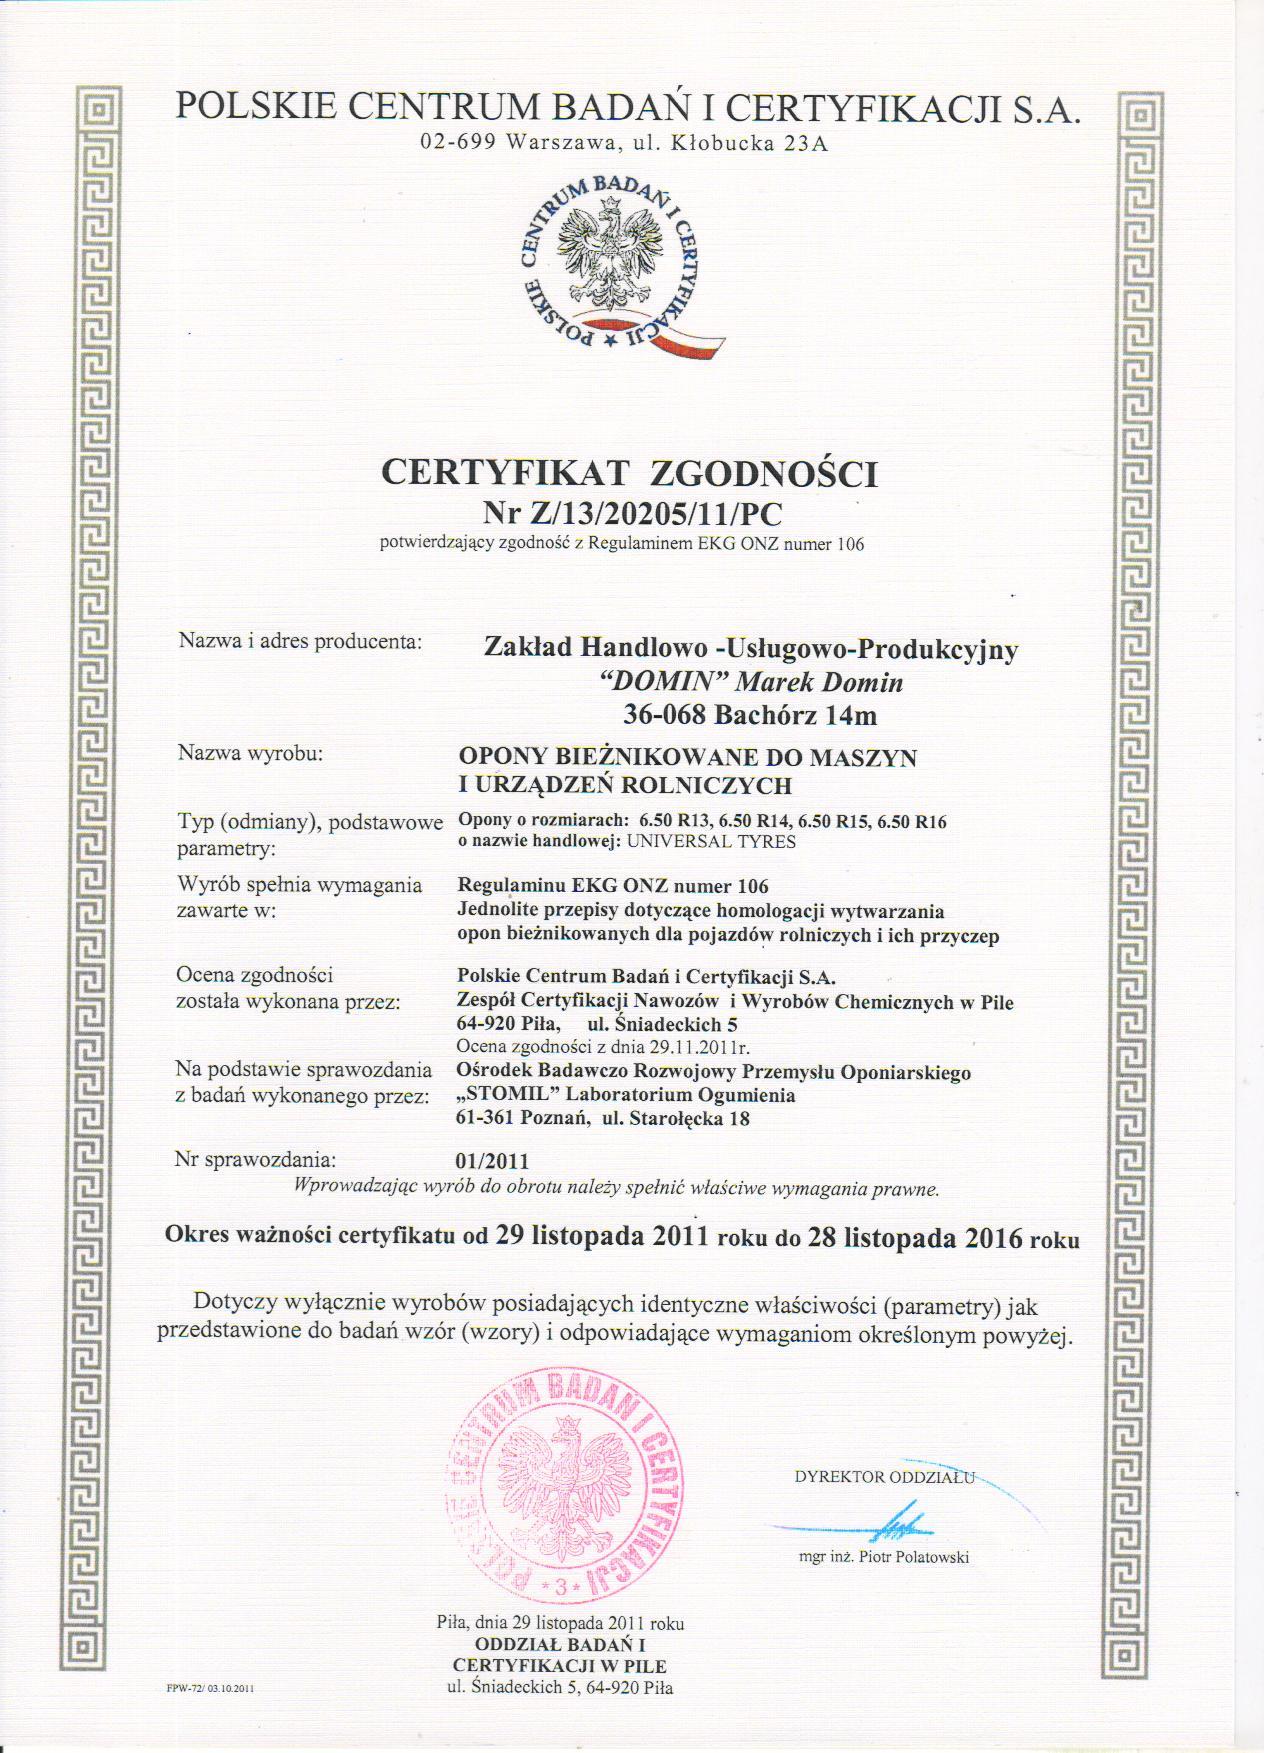 Domin Oponypl Certyfikaty